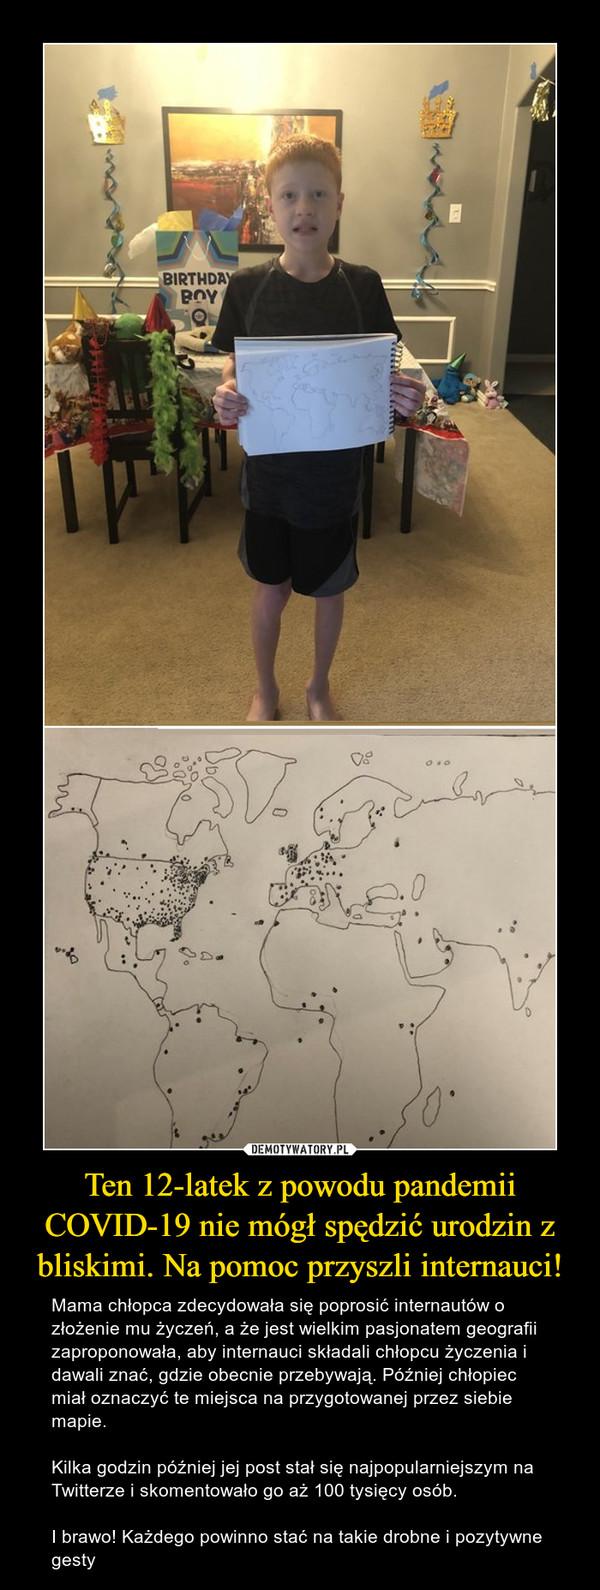 Ten 12-latek z powodu pandemii COVID-19 nie mógł spędzić urodzin z bliskimi. Na pomoc przyszli internauci! – Mama chłopca zdecydowała się poprosić internautów o złożenie mu życzeń, a że jest wielkim pasjonatem geografii zaproponowała, aby internauci składali chłopcu życzenia i dawali znać, gdzie obecnie przebywają. Później chłopiec miał oznaczyć te miejsca na przygotowanej przez siebie mapie.Kilka godzin później jej post stał się najpopularniejszym na Twitterze i skomentowało go aż 100 tysięcy osób. I brawo! Każdego powinno stać na takie drobne i pozytywne gesty